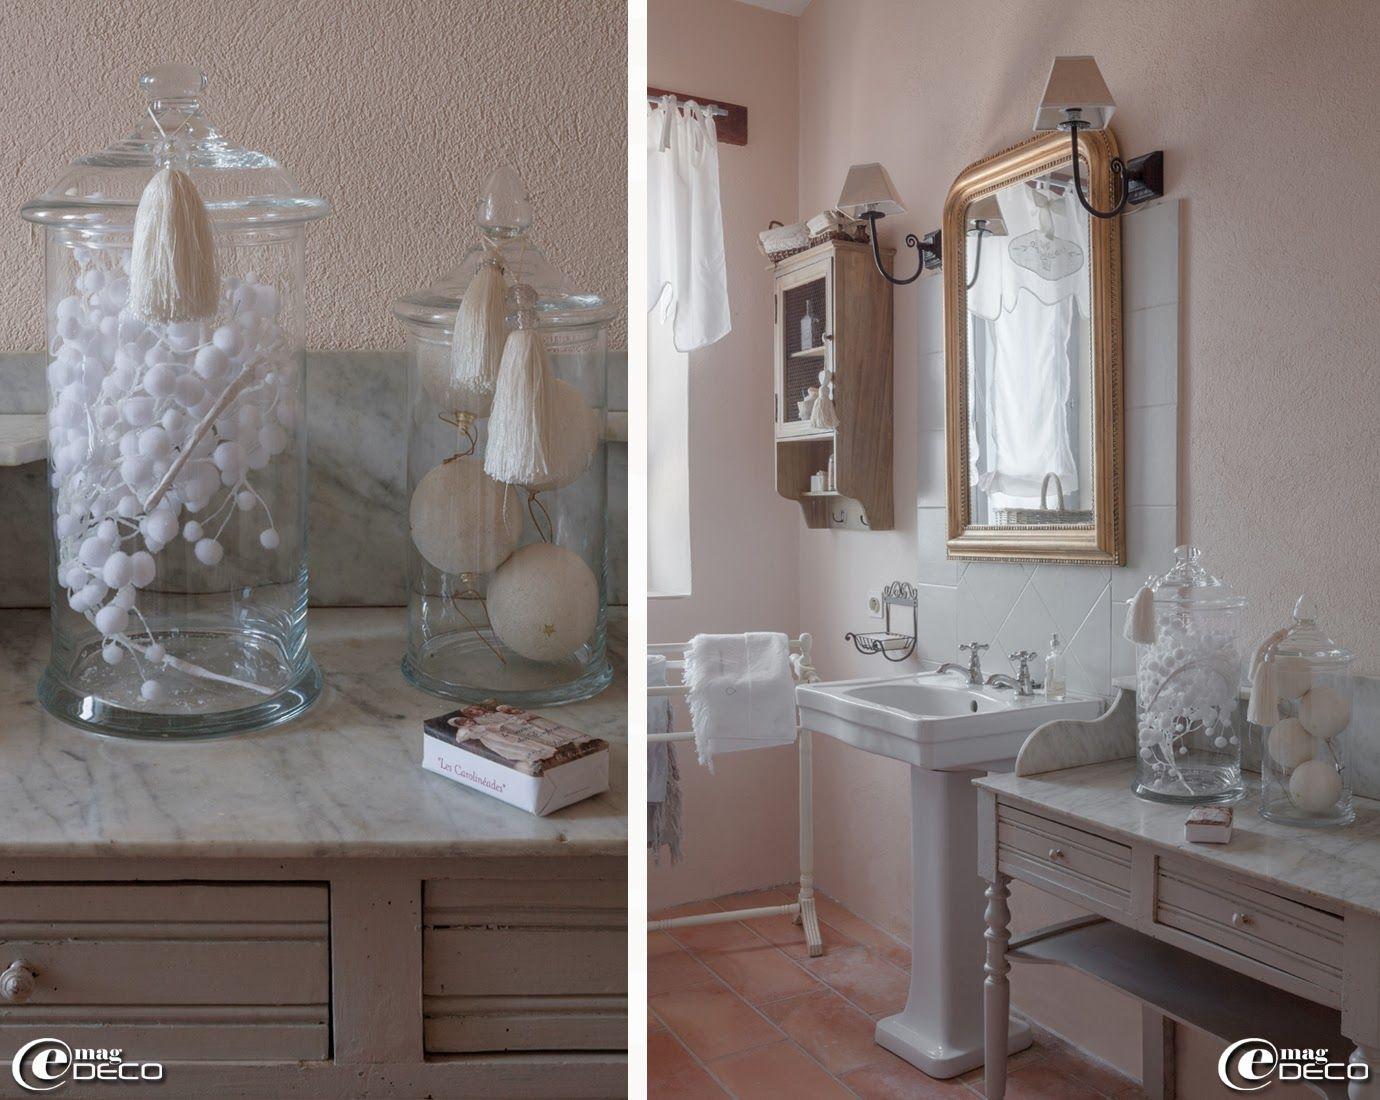 bocaux en verre 39 chehoma 39 pos s sur un meuble de toilette chin appliques 39 pomax 39 d co. Black Bedroom Furniture Sets. Home Design Ideas